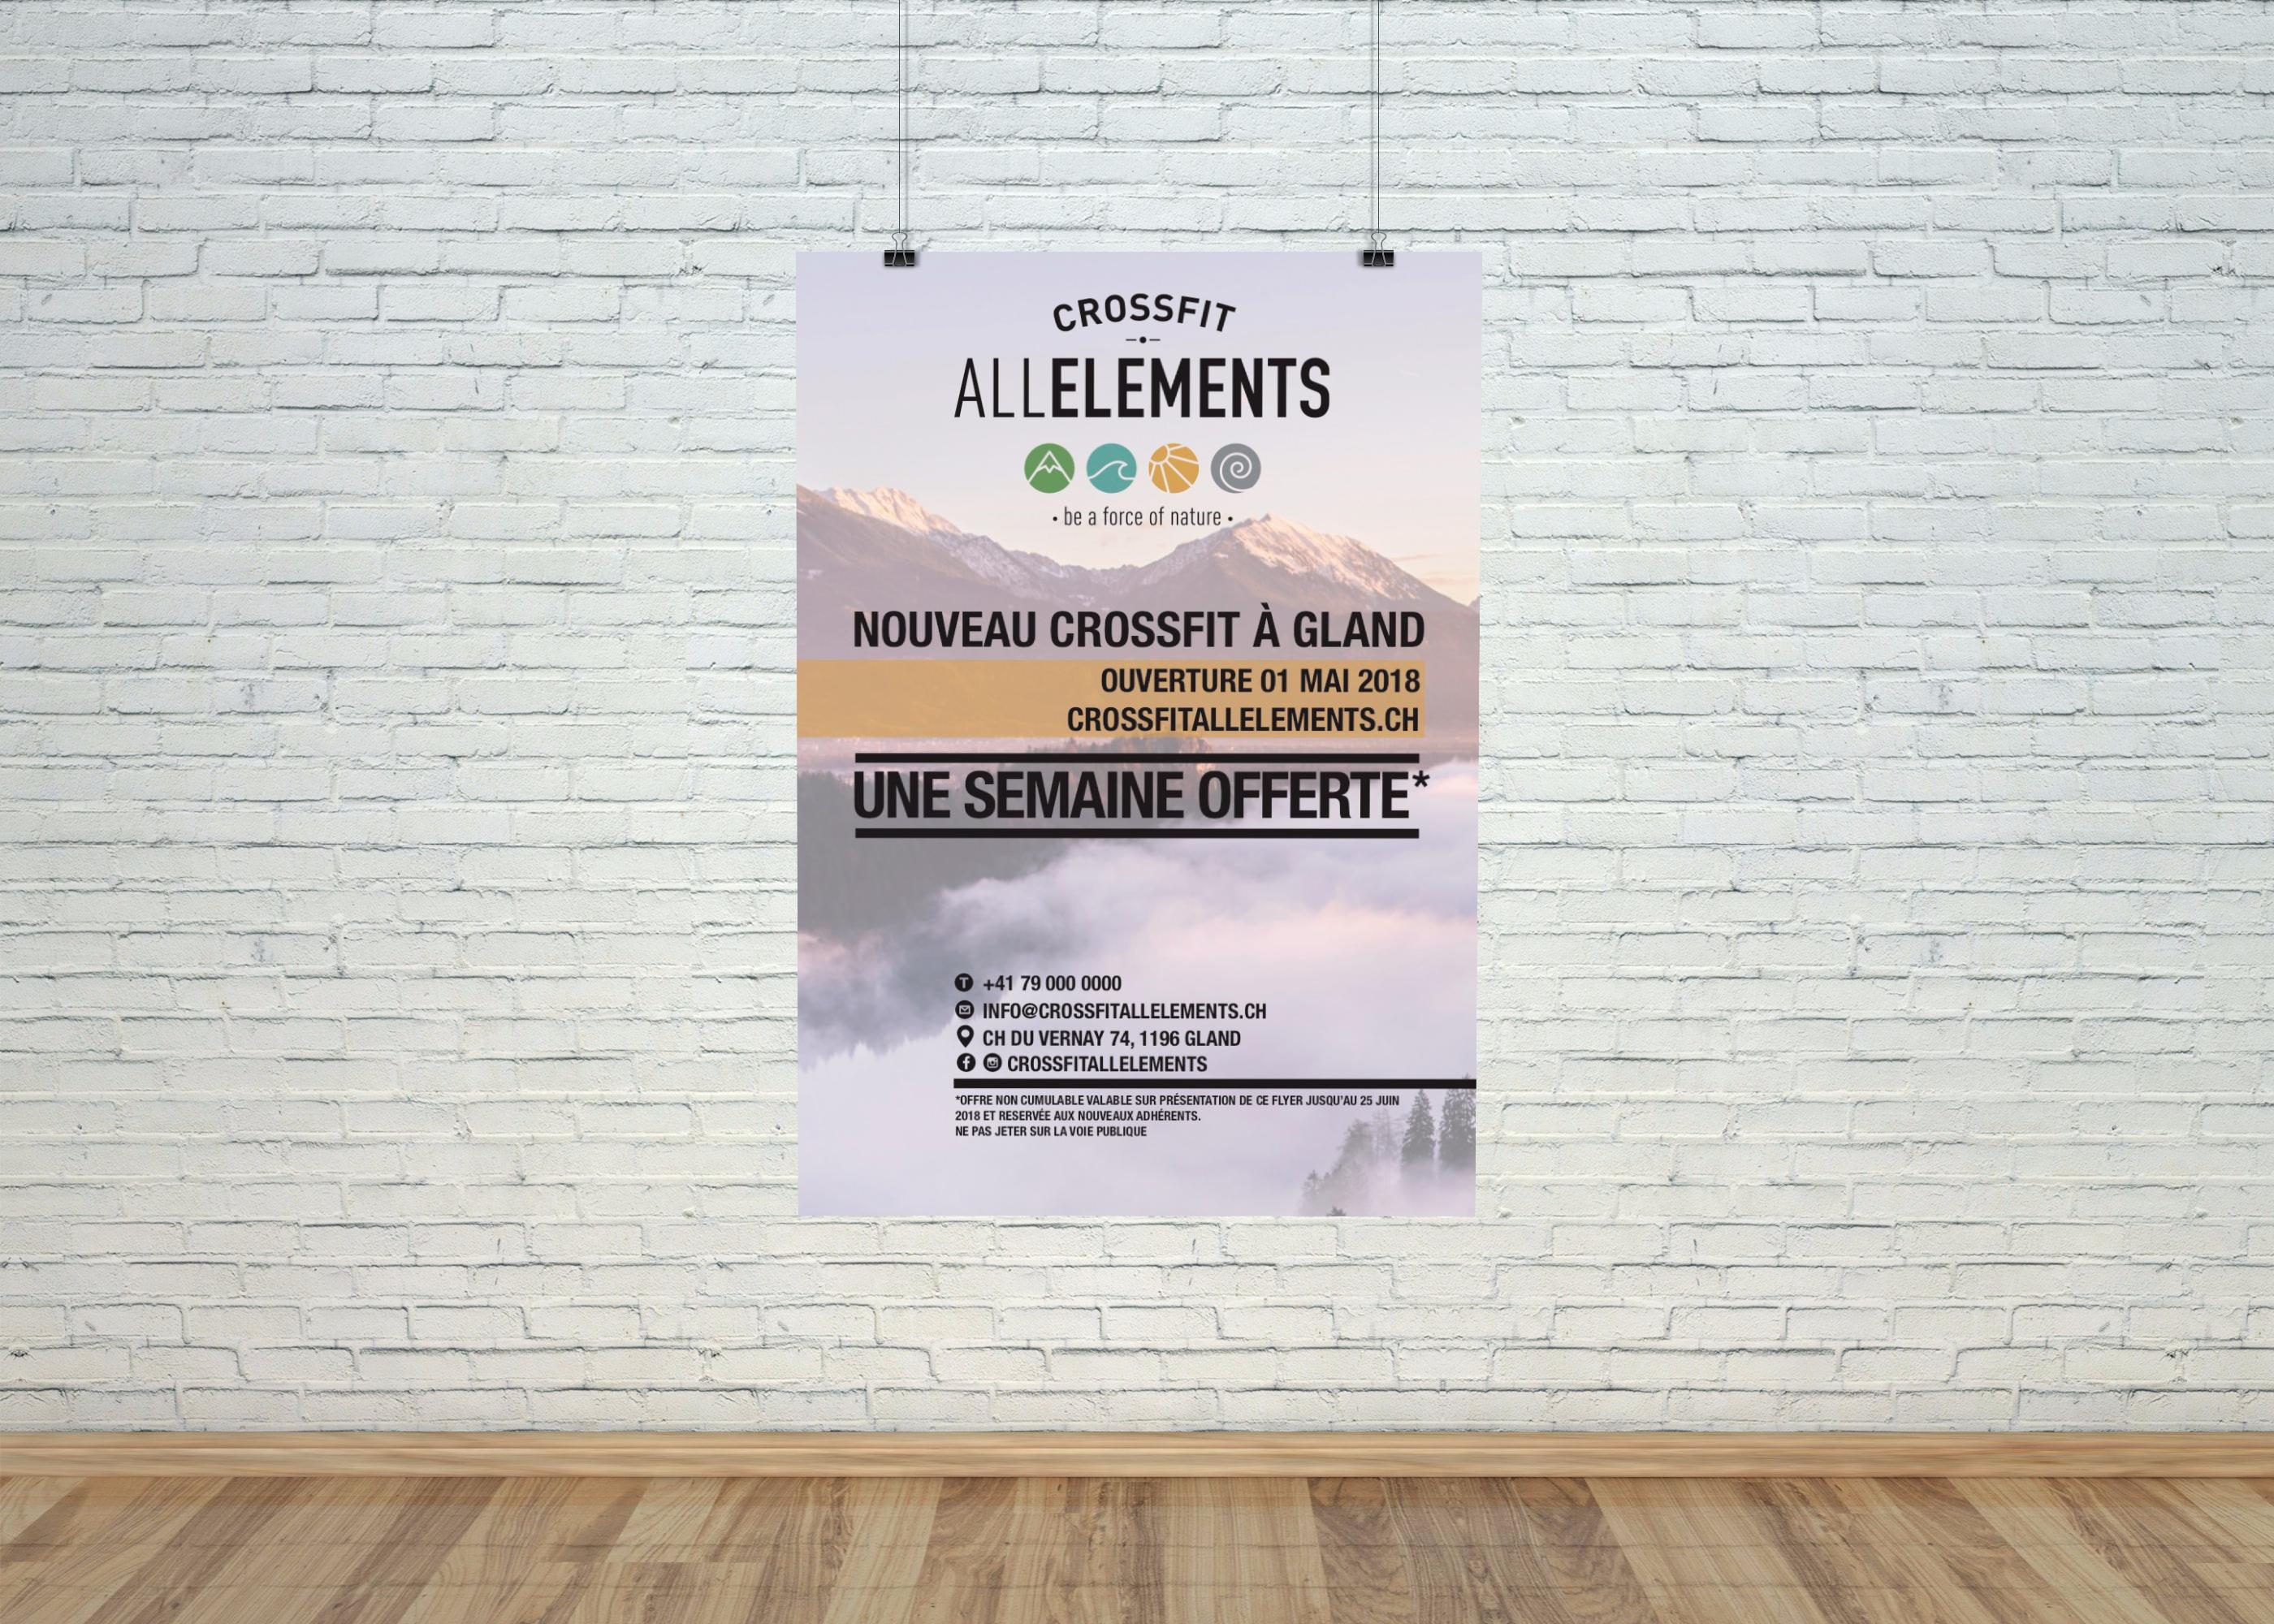 Création de Flyer - CrossFit All Elements